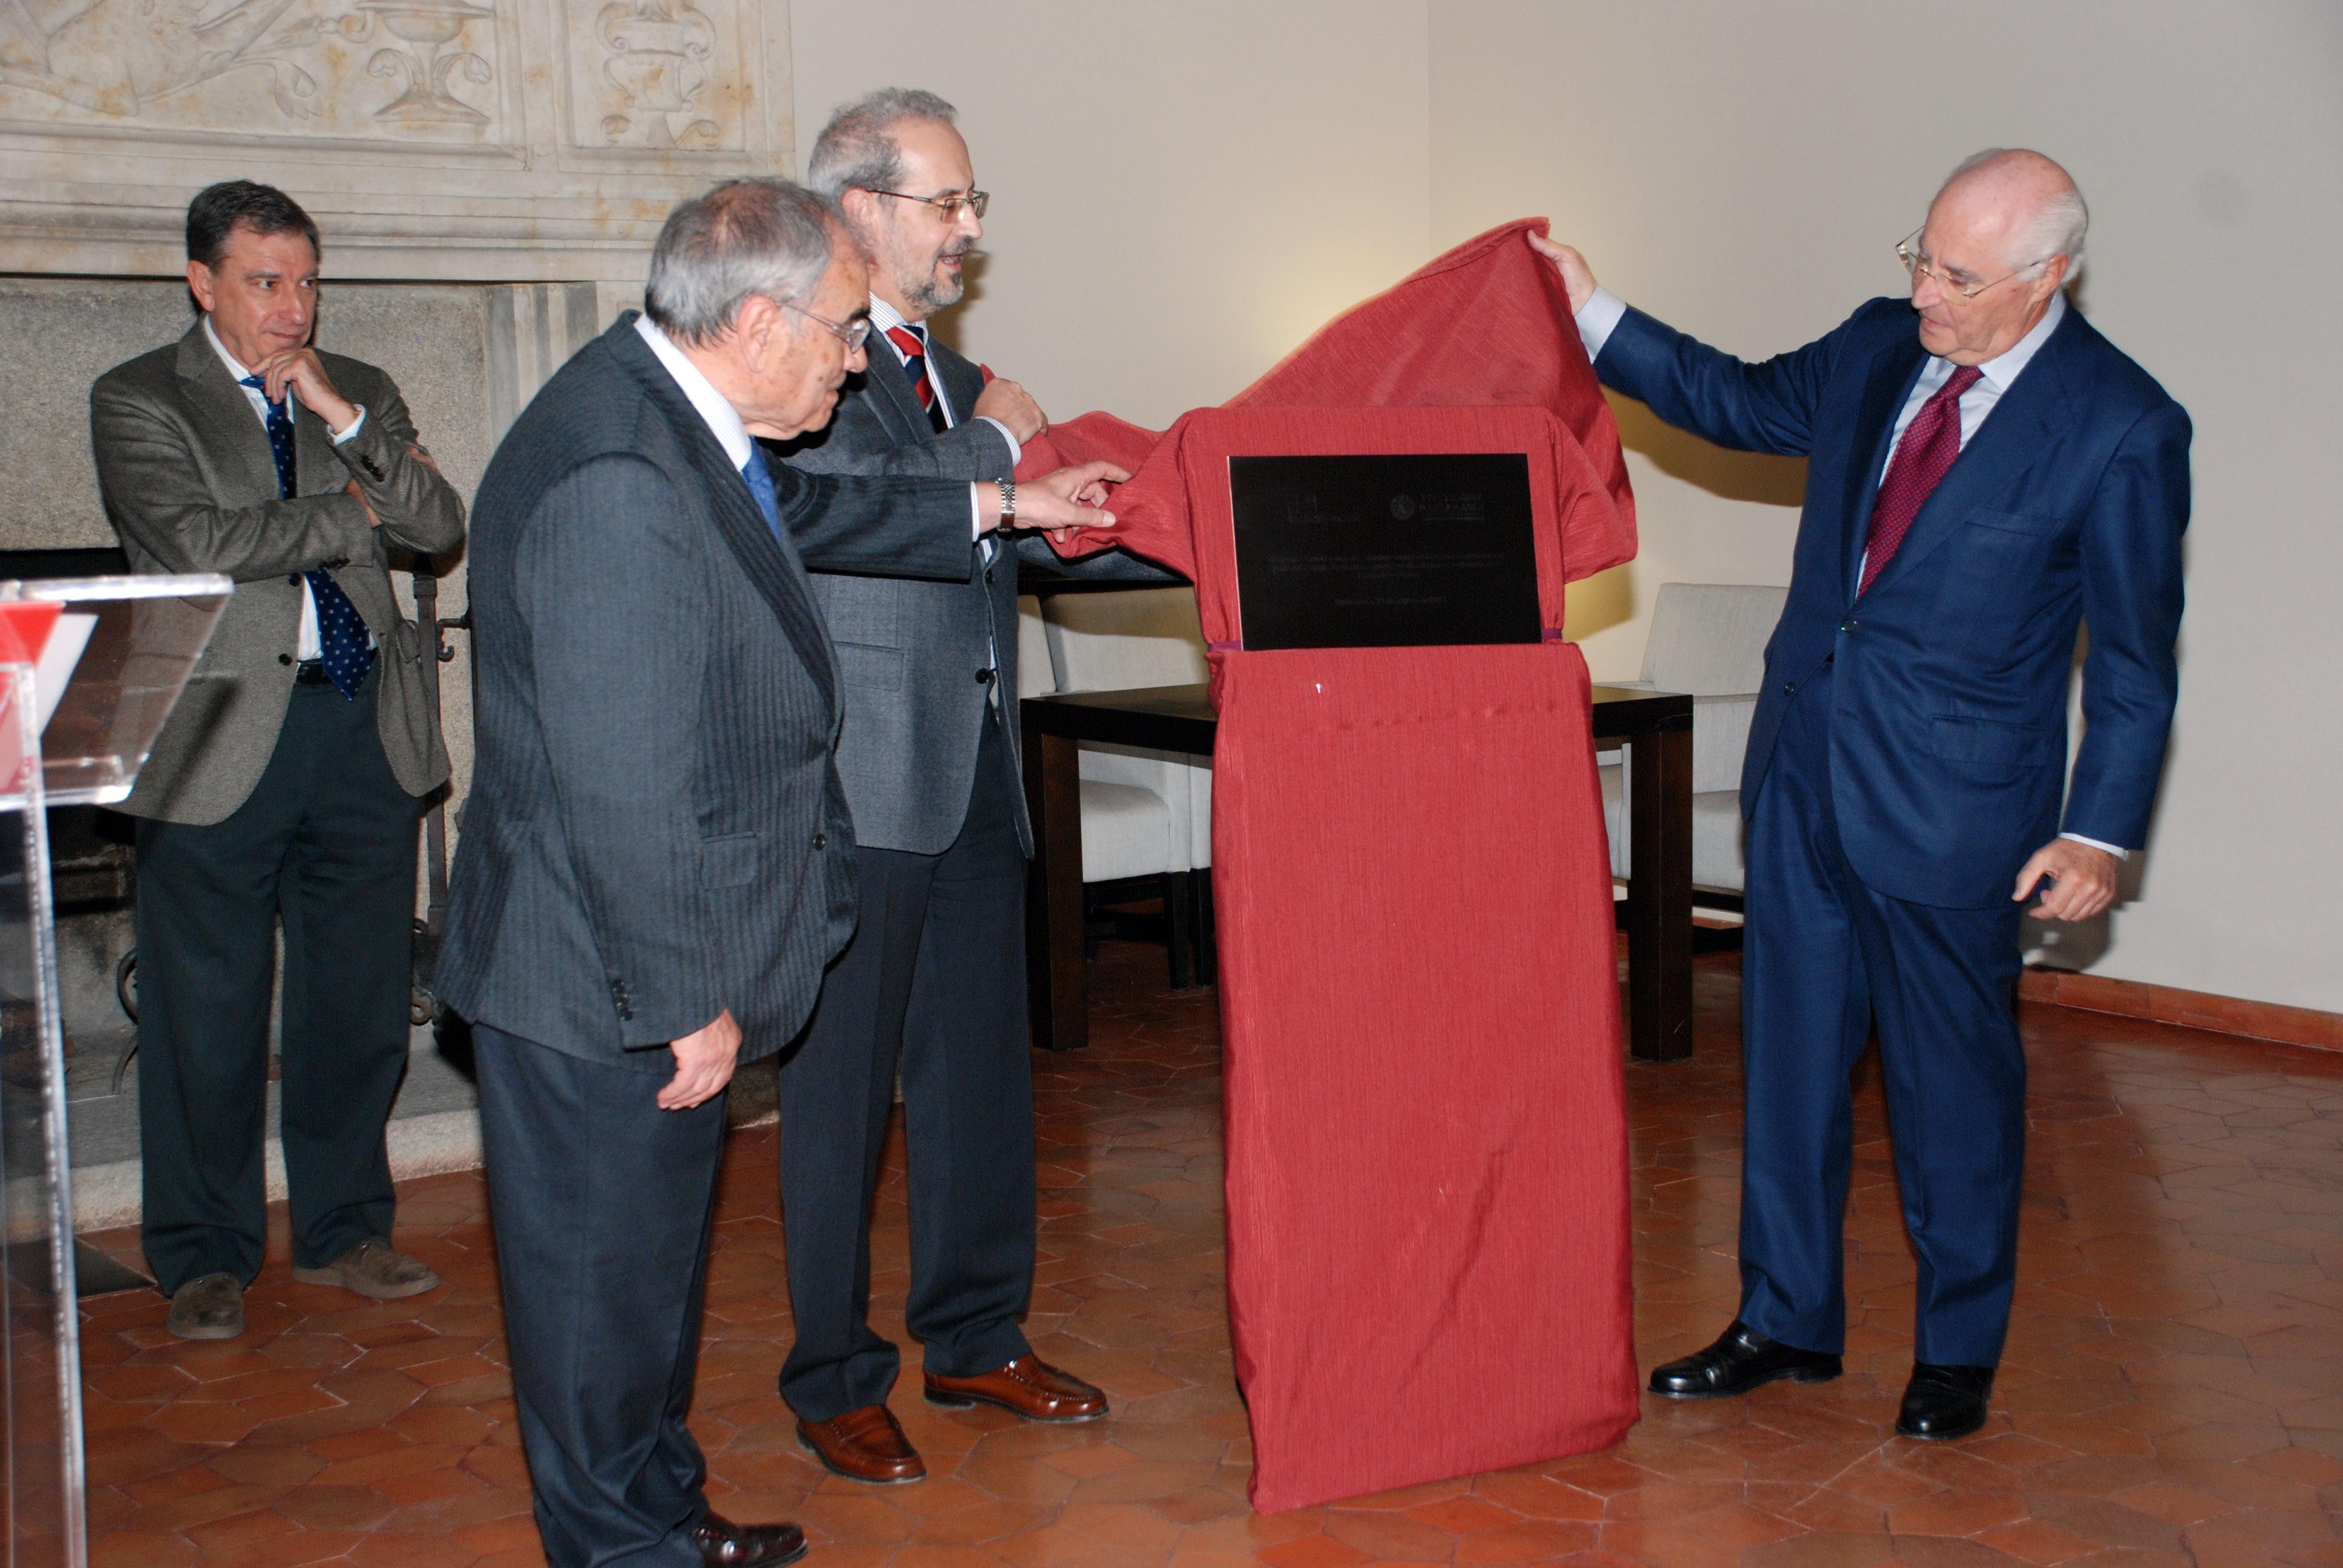 El Colegio Arzobispo Fonseca renueva su alumbrado ornamental con el que se ensalza su belleza arquitectónica y artística